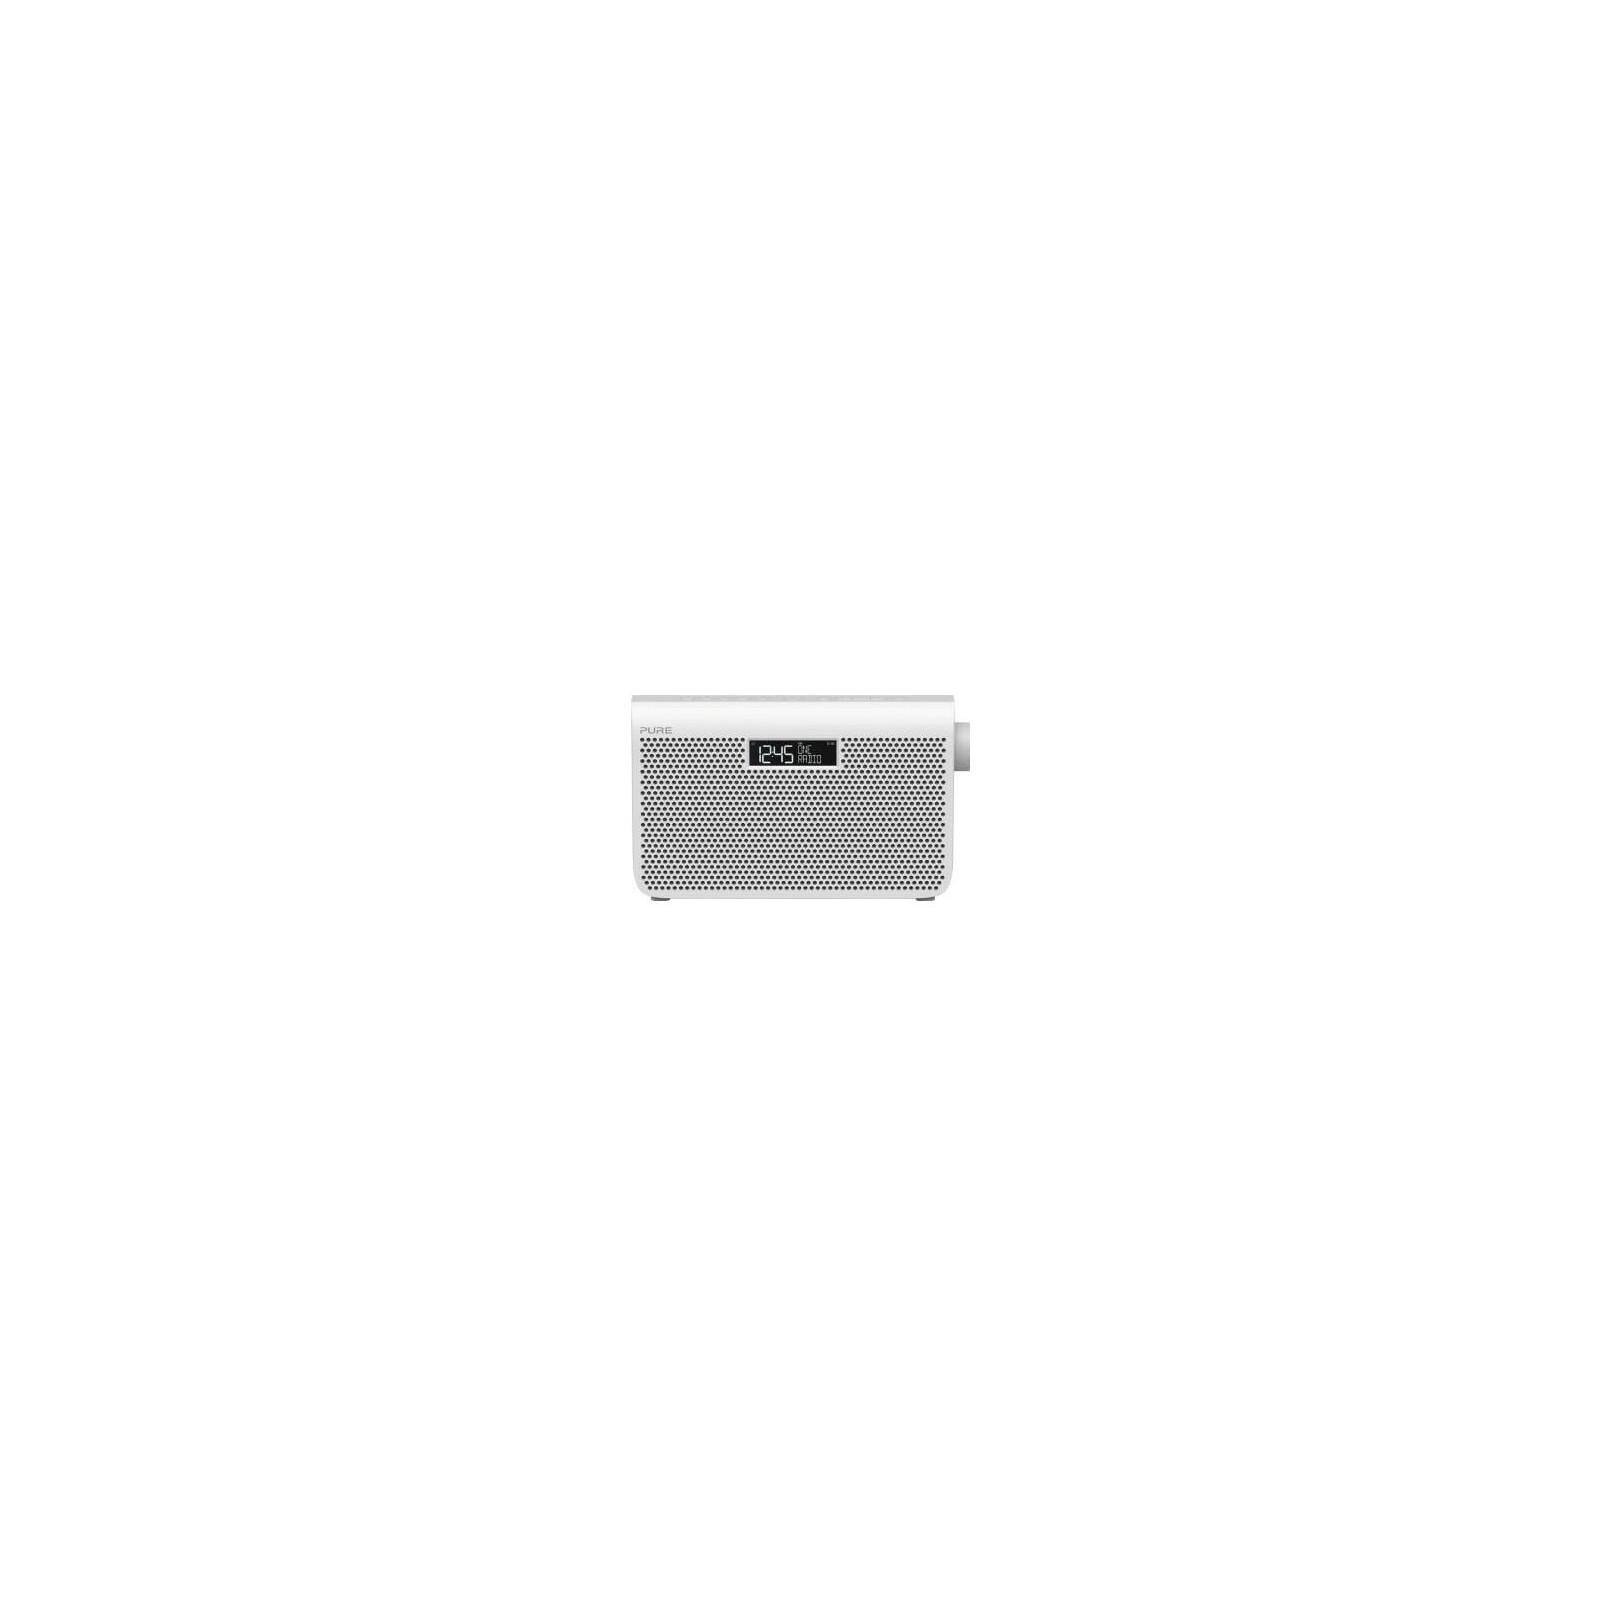 Pure One Maxi Series 3s EU/UK